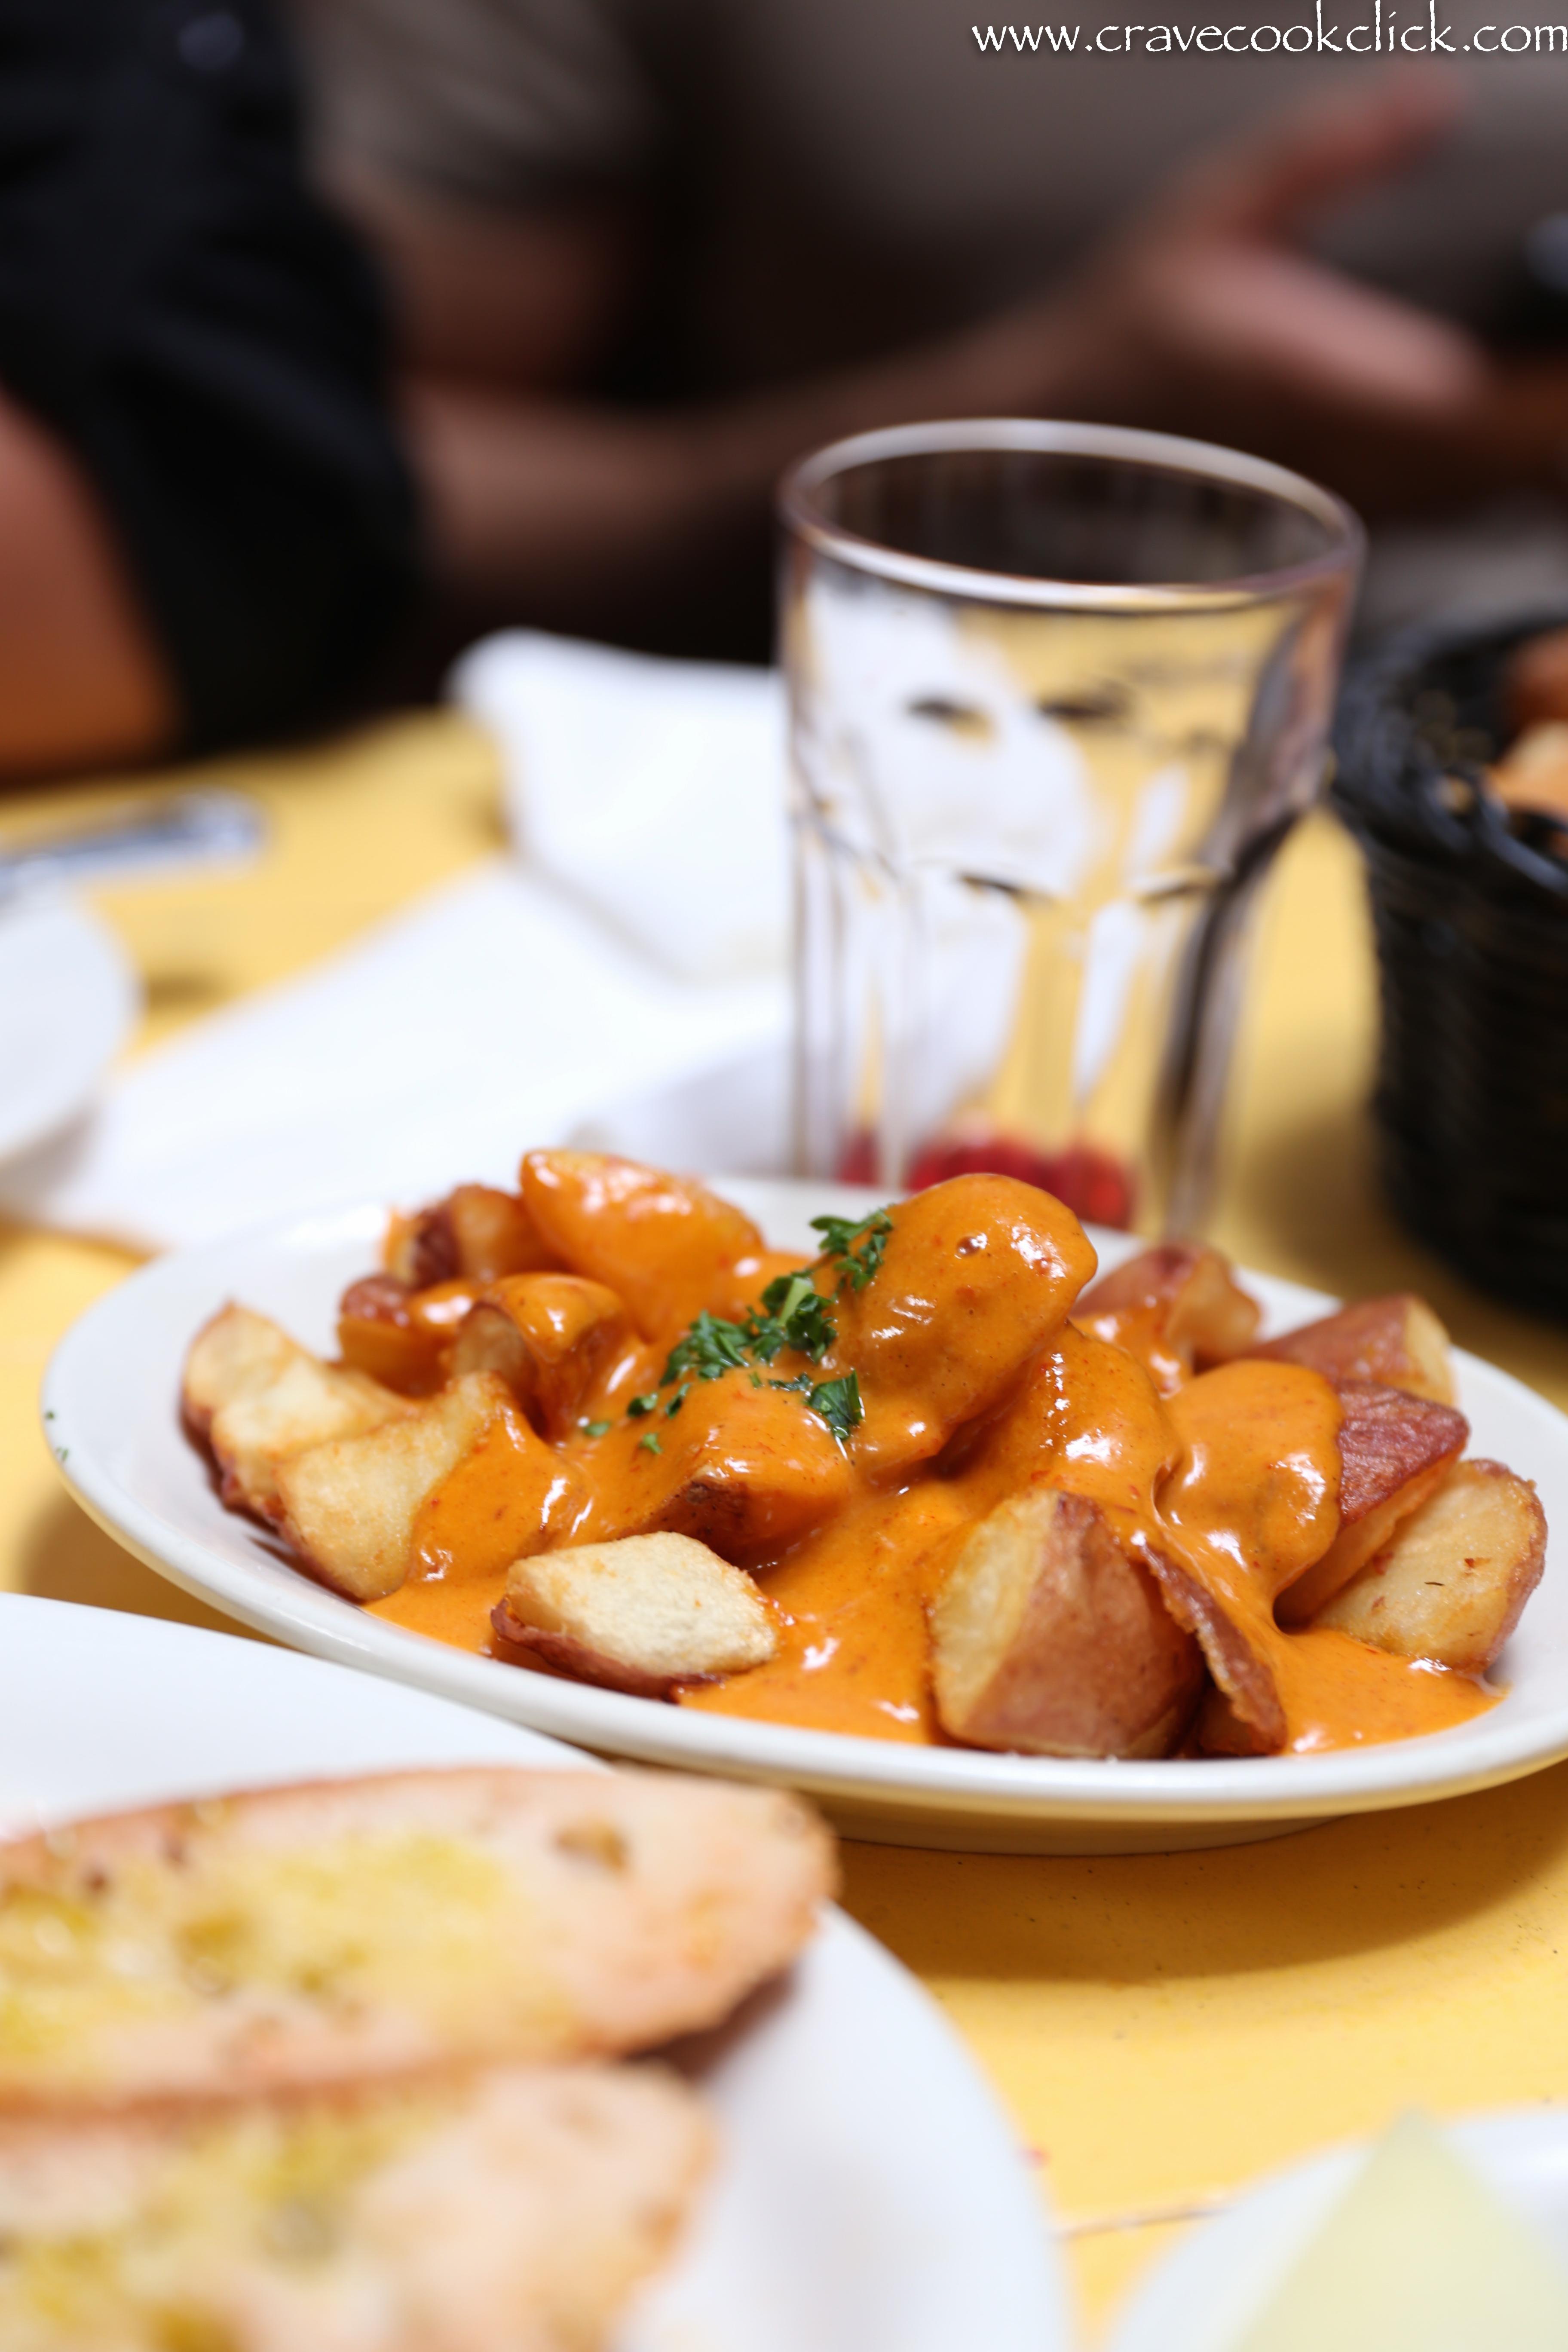 Patatas Aioli - Potatoes with homemade garlic mayonnaise